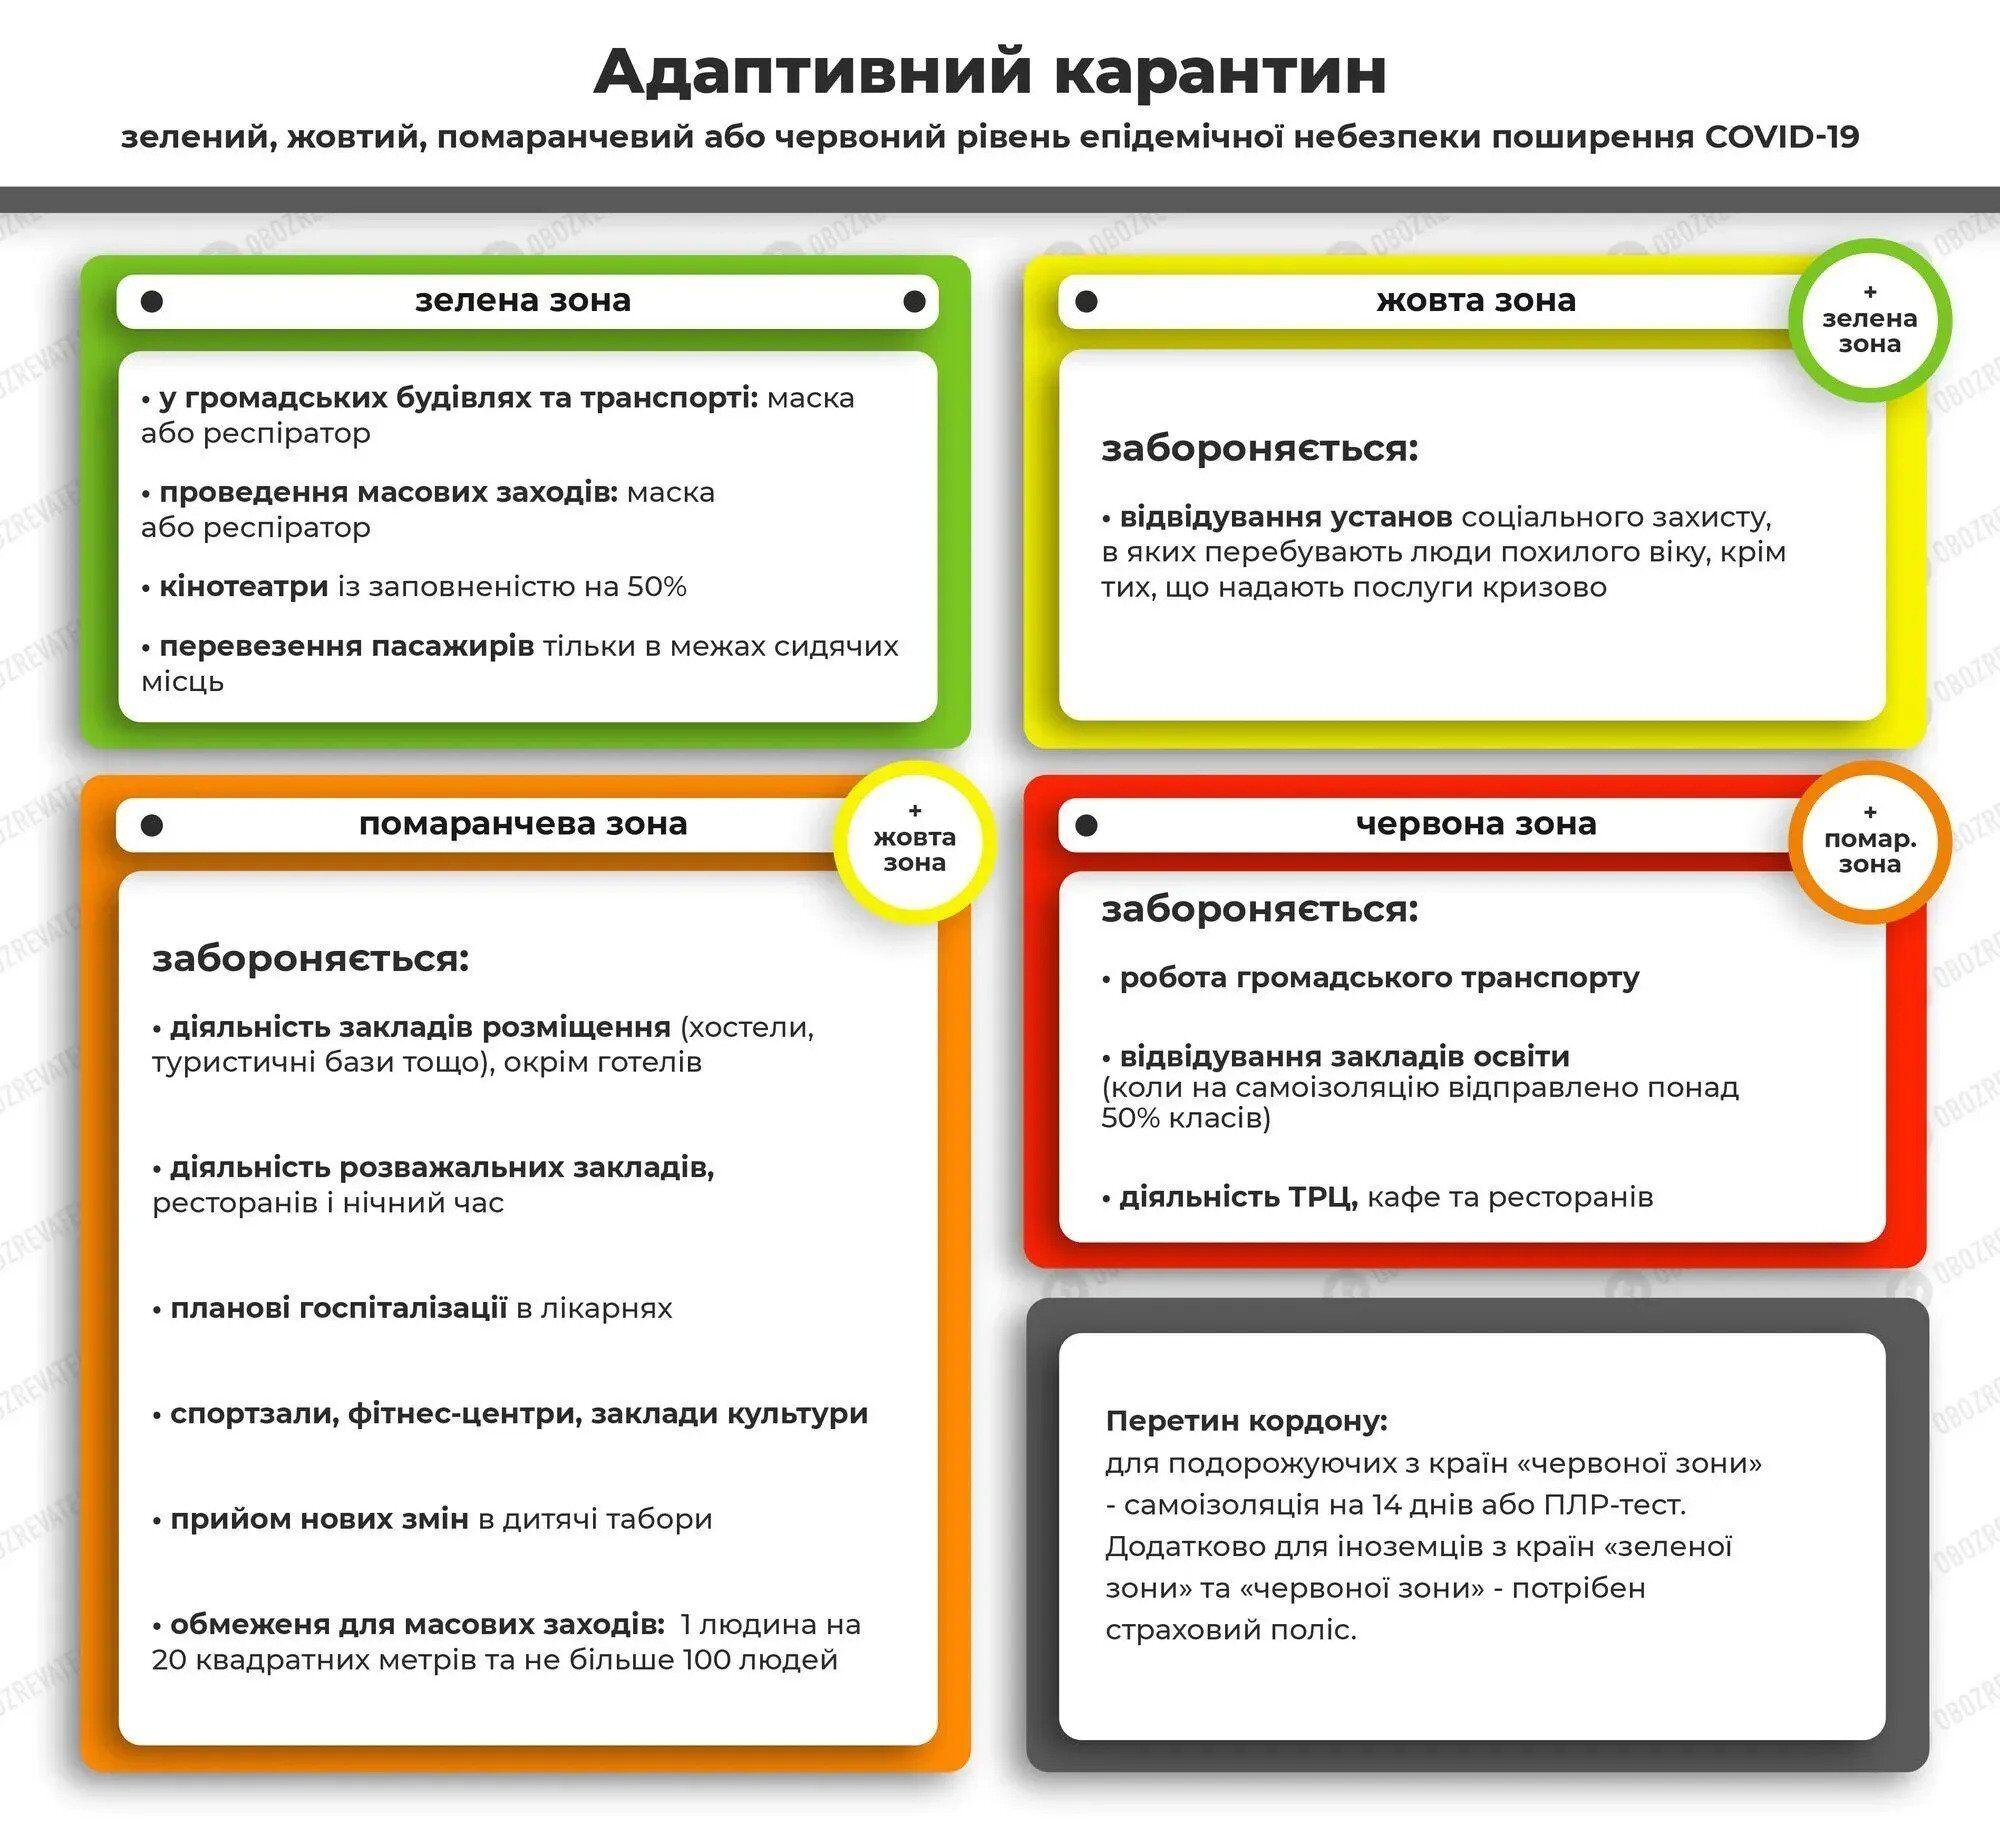 Карантин в Україні продовжать щонайменше до 30 квітня: озвучено перші деталі